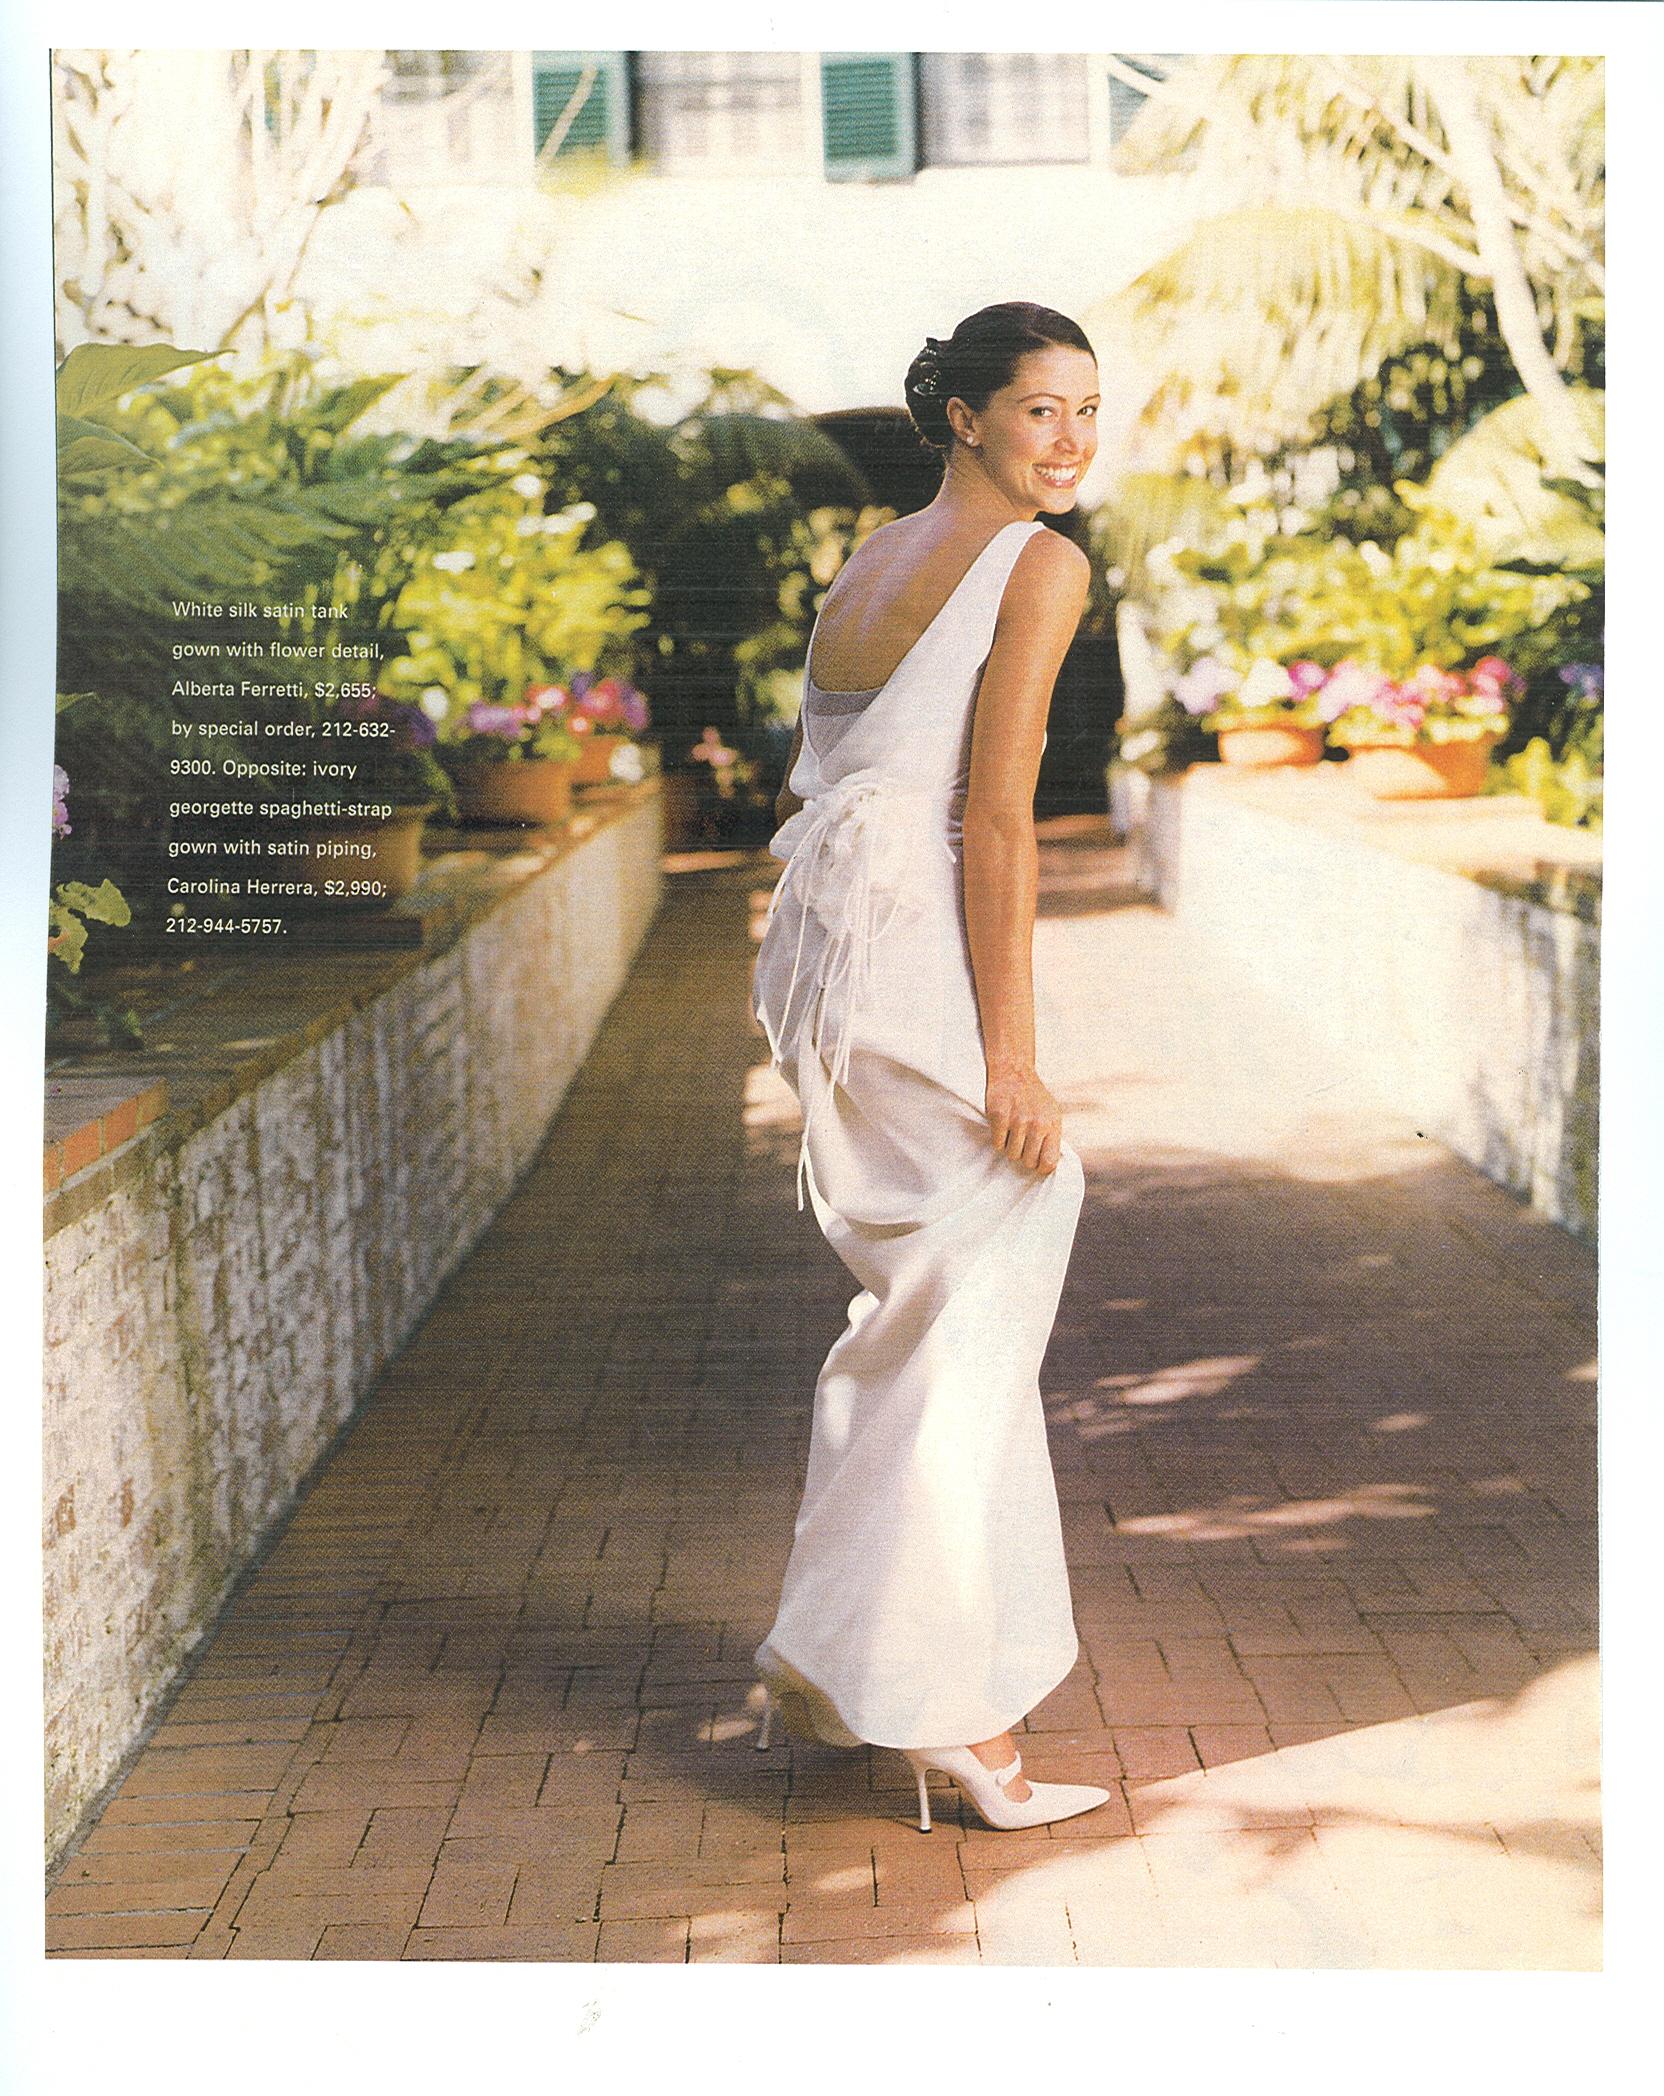 SE_InStyle Weddings_Summer 2002_6.jpg